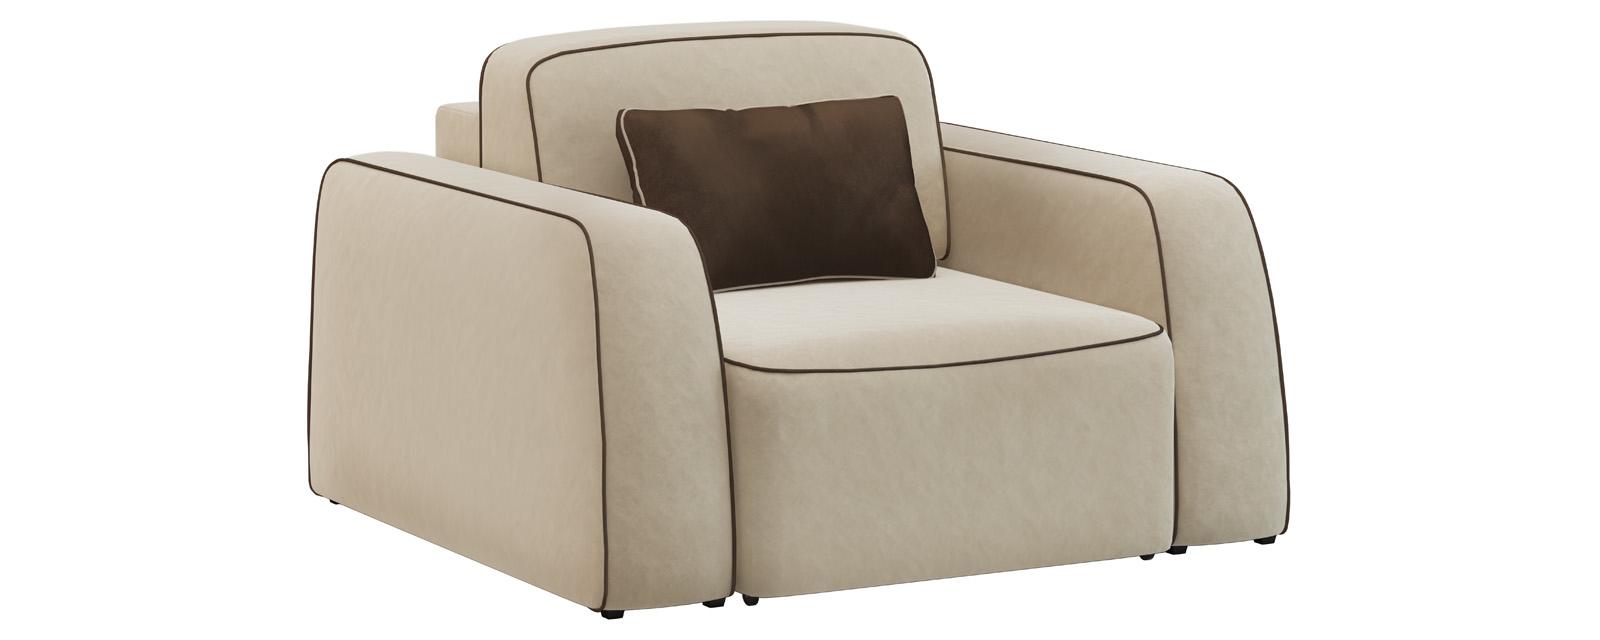 Кресло тканевое Портленд 80 см Velure бежевый/темно-коричневый (Велюр) Портленд